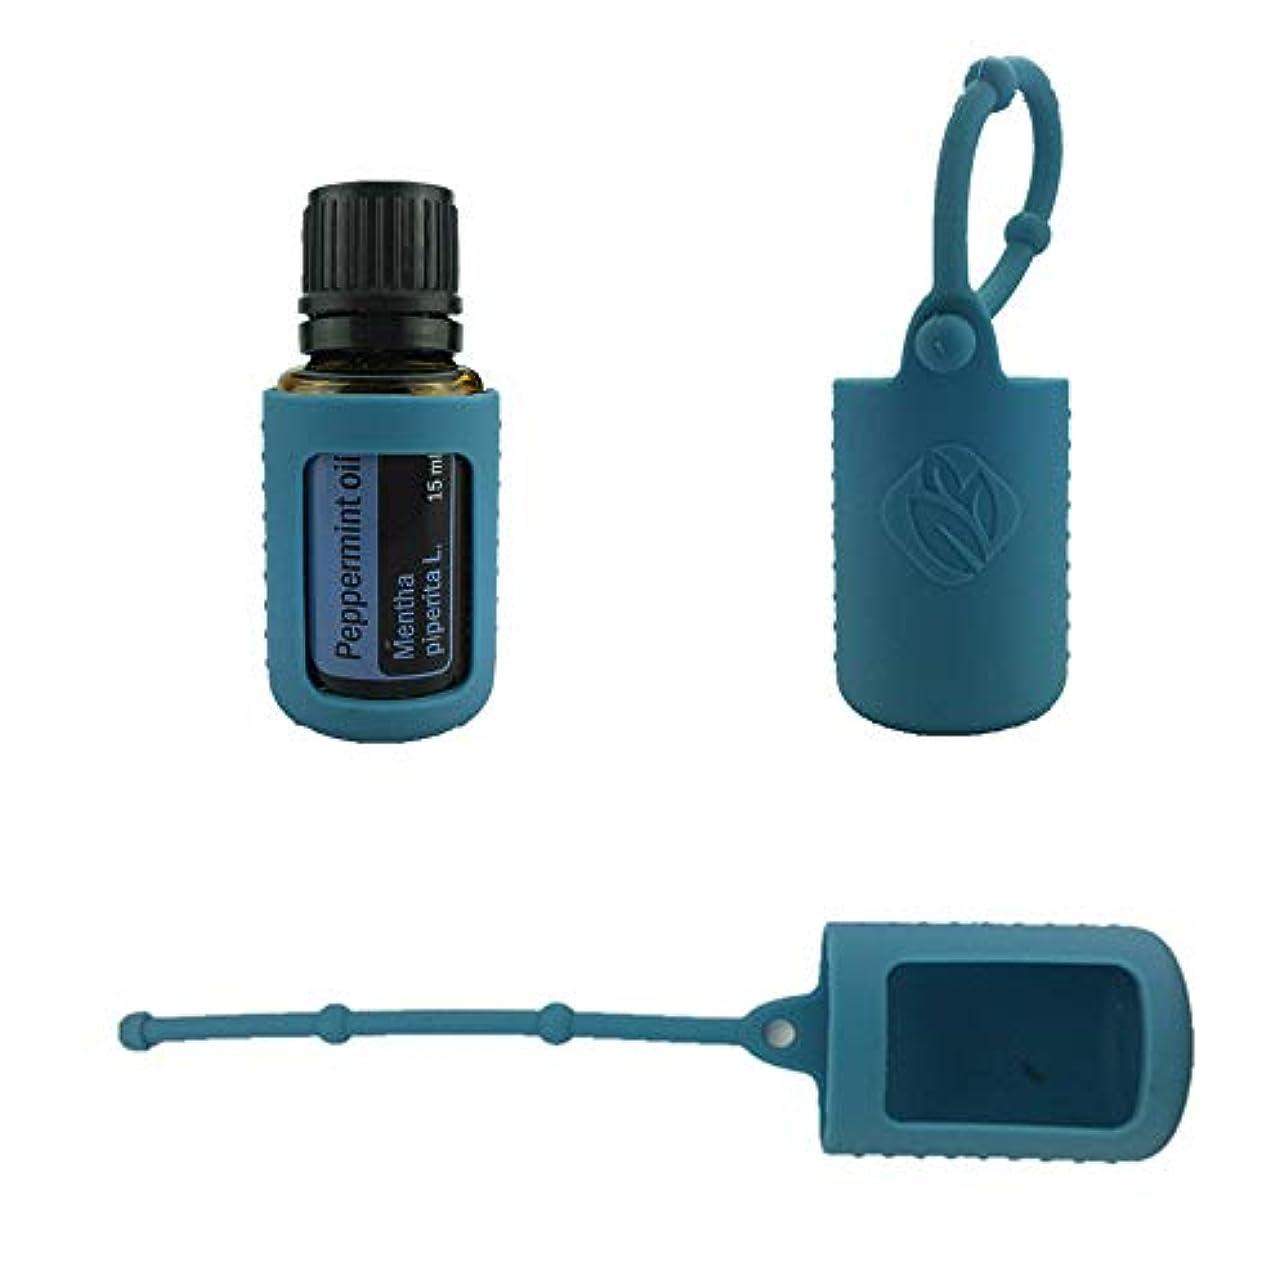 6パック熱望オイルボトルシリコンローラーボトルホルダースリーブエッセンシャルオイルボトル保護カバーケースハングロープ - ダンク ブルー - 6-pcs 15ml